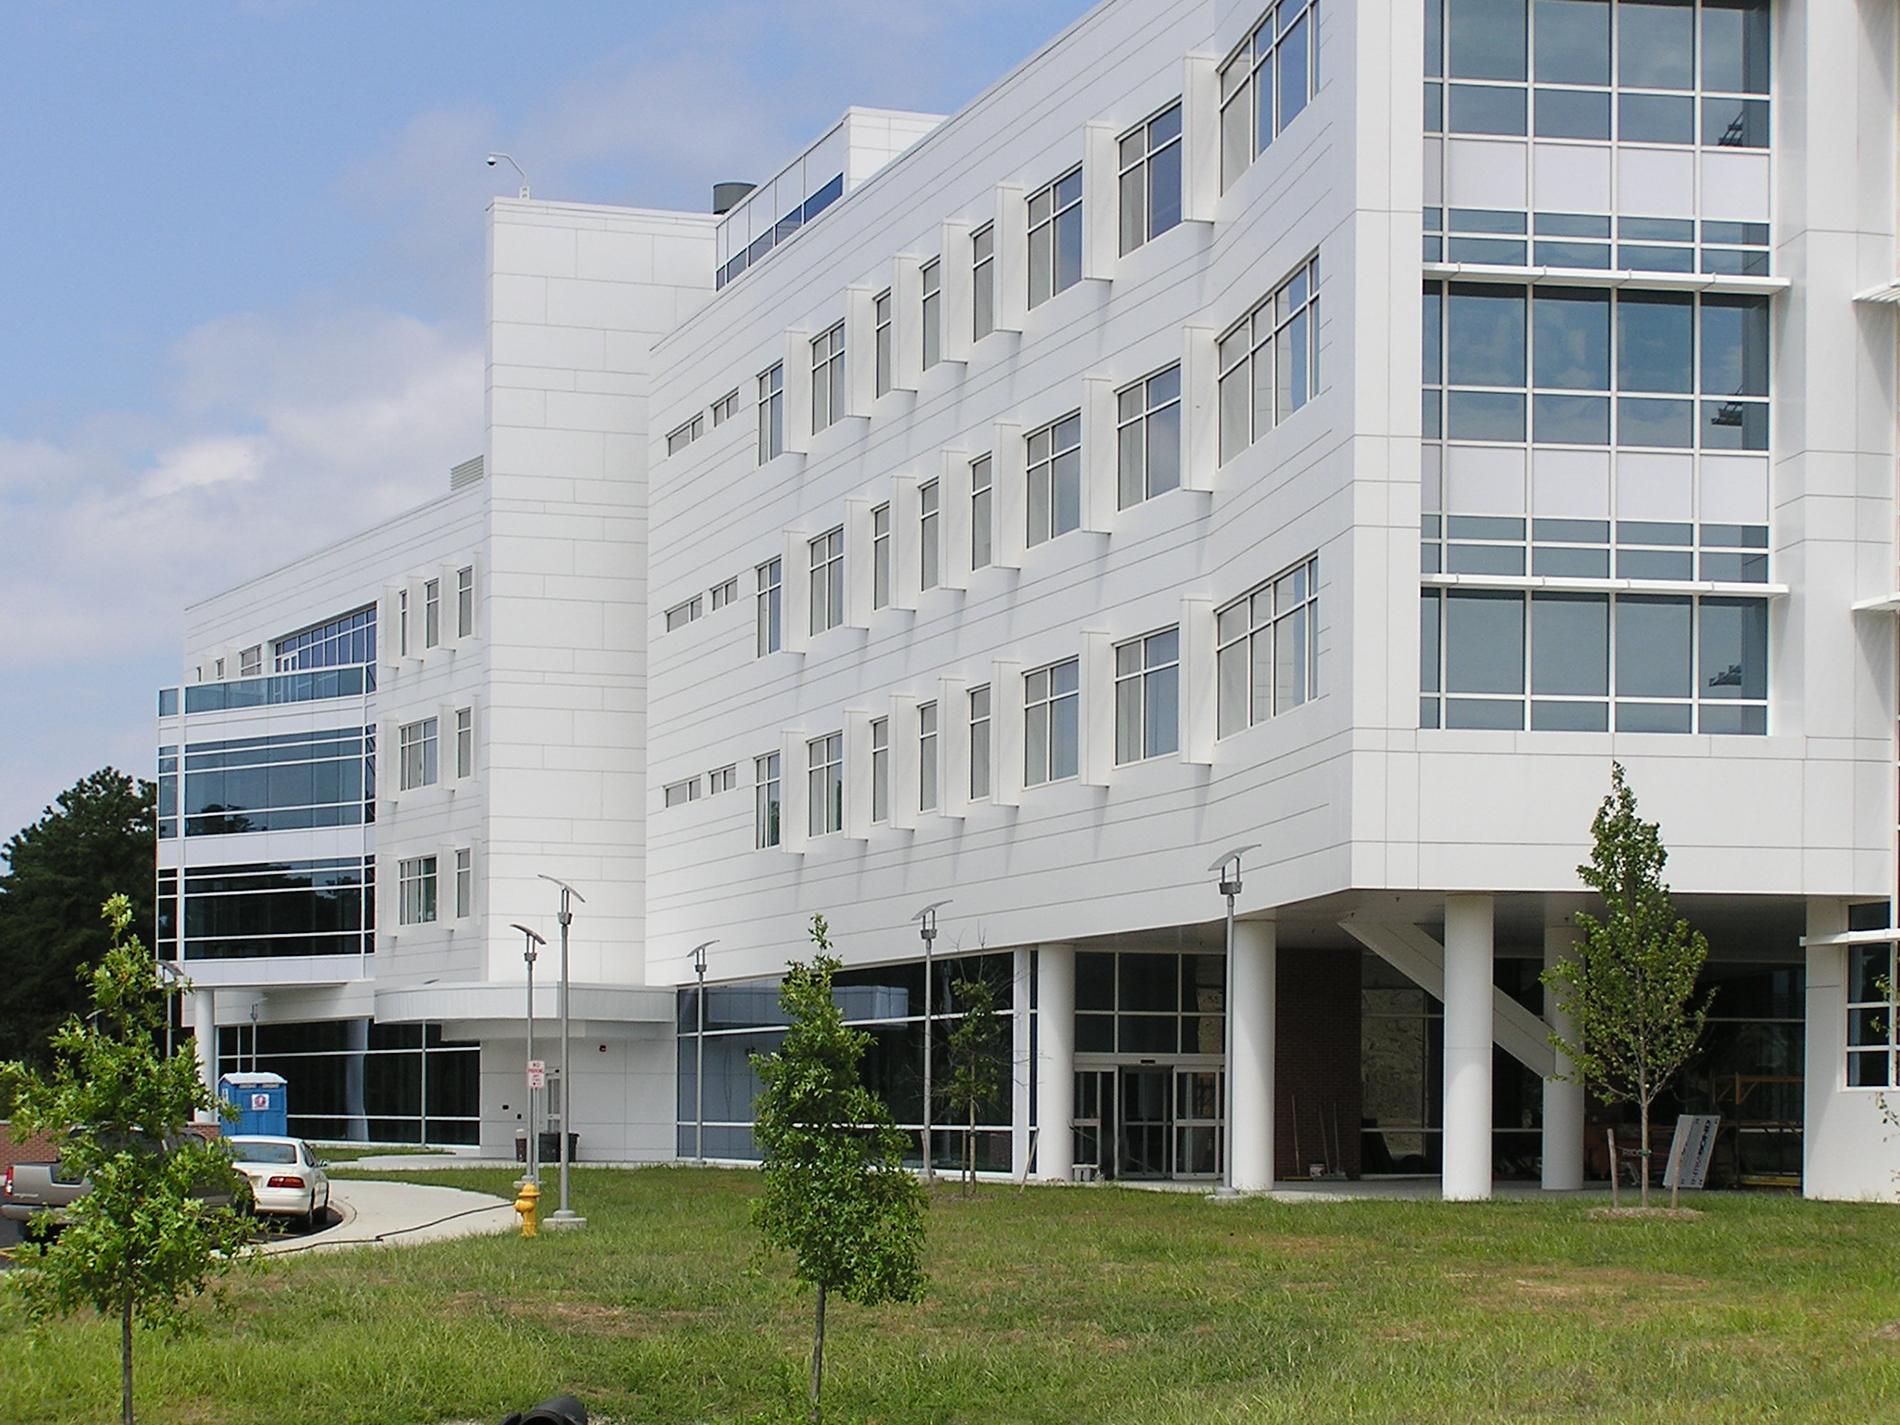 Ocean-County-College-Gateway-Building-1_1619623290.jpg